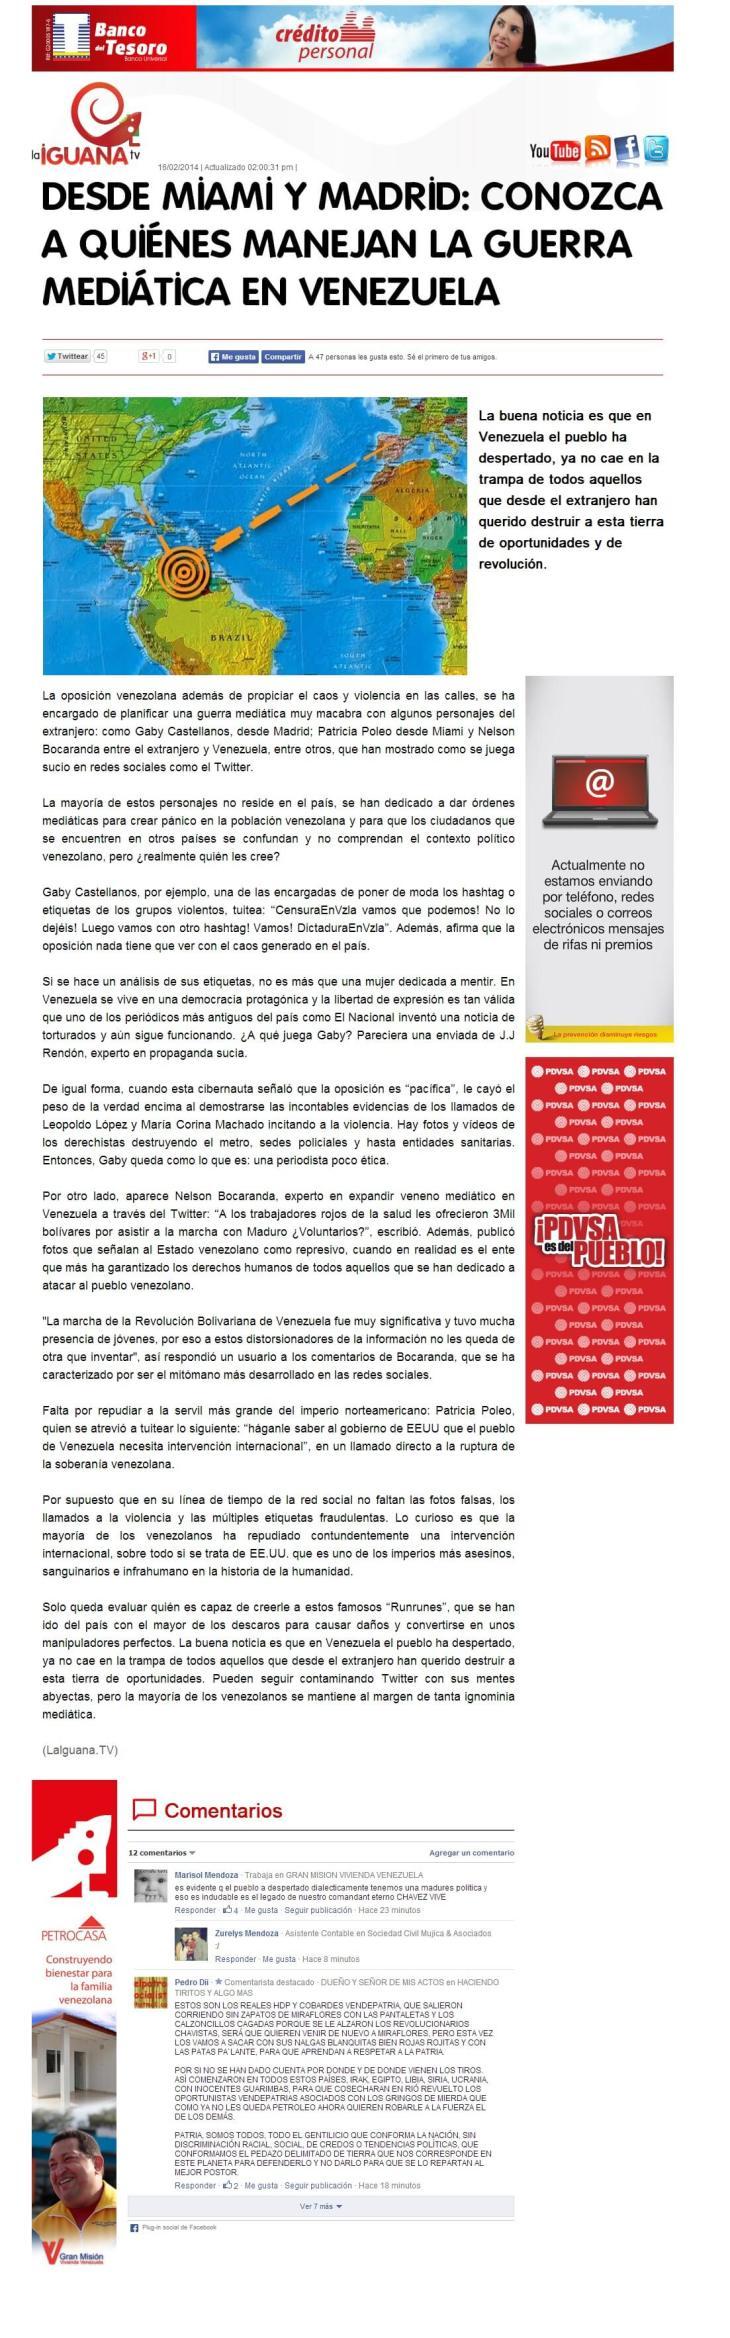 DESDE MIAMI Y MADRID CONOZCA A QUIÉNES MANEJAN LA GUERRA MEDIÁTICA EN VENEZUELA